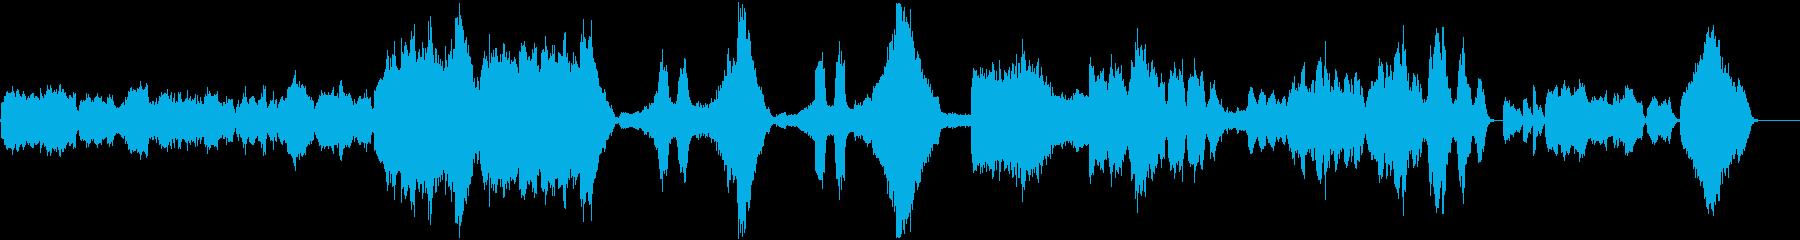 『朝』ペール・ギュント オーケストラの再生済みの波形